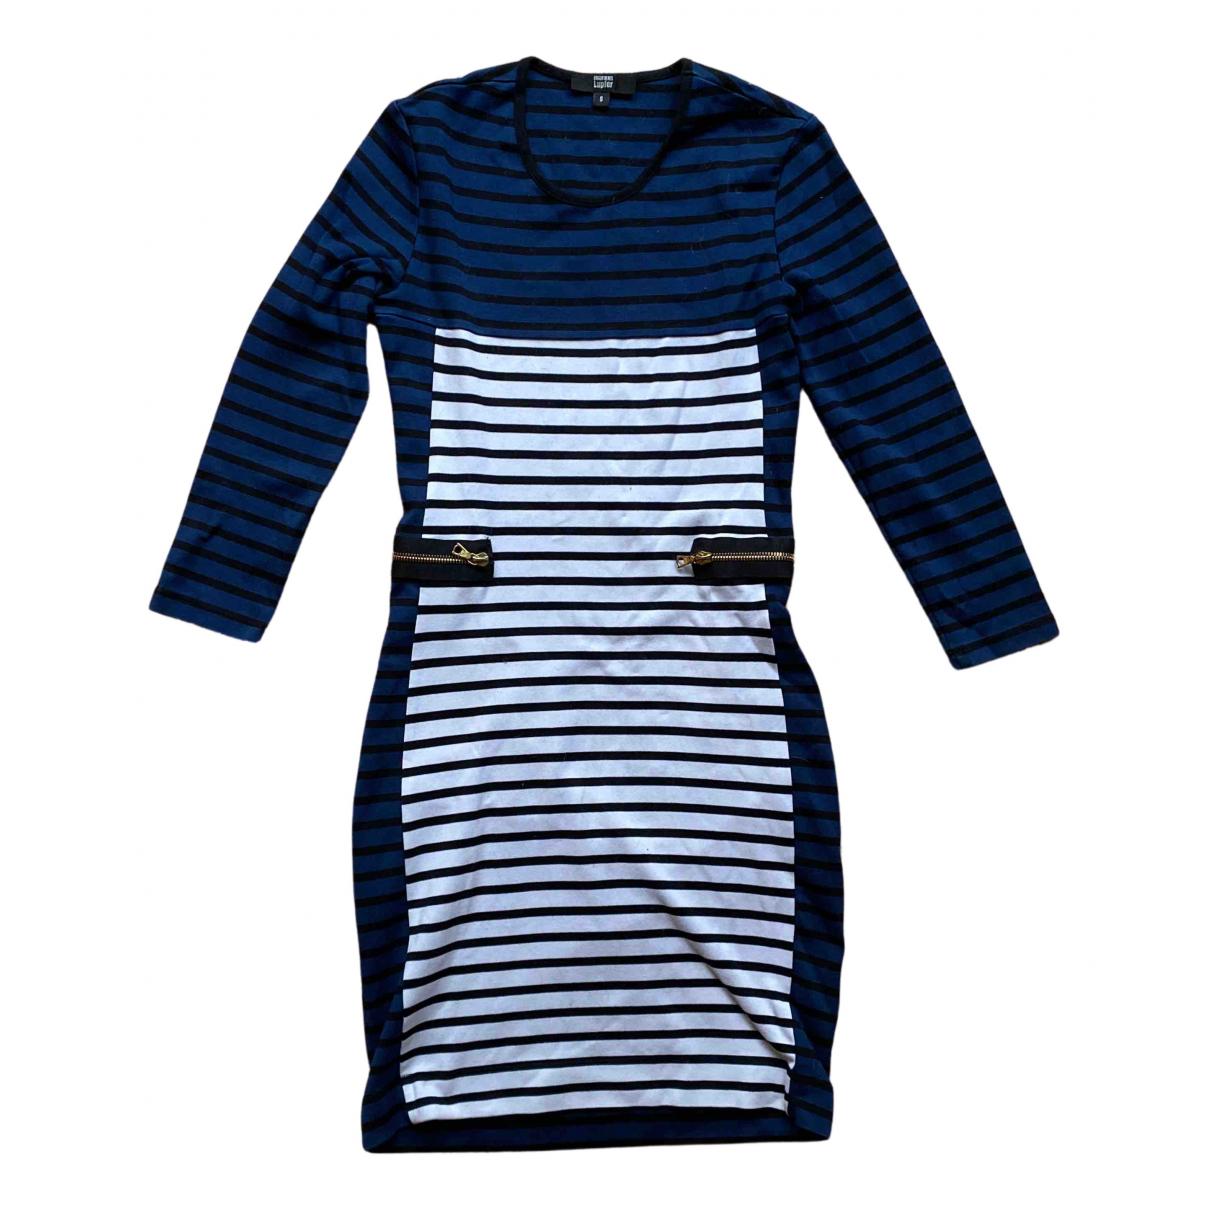 Markus Lupfer N Blue Cotton - elasthane dress for Women 36 FR